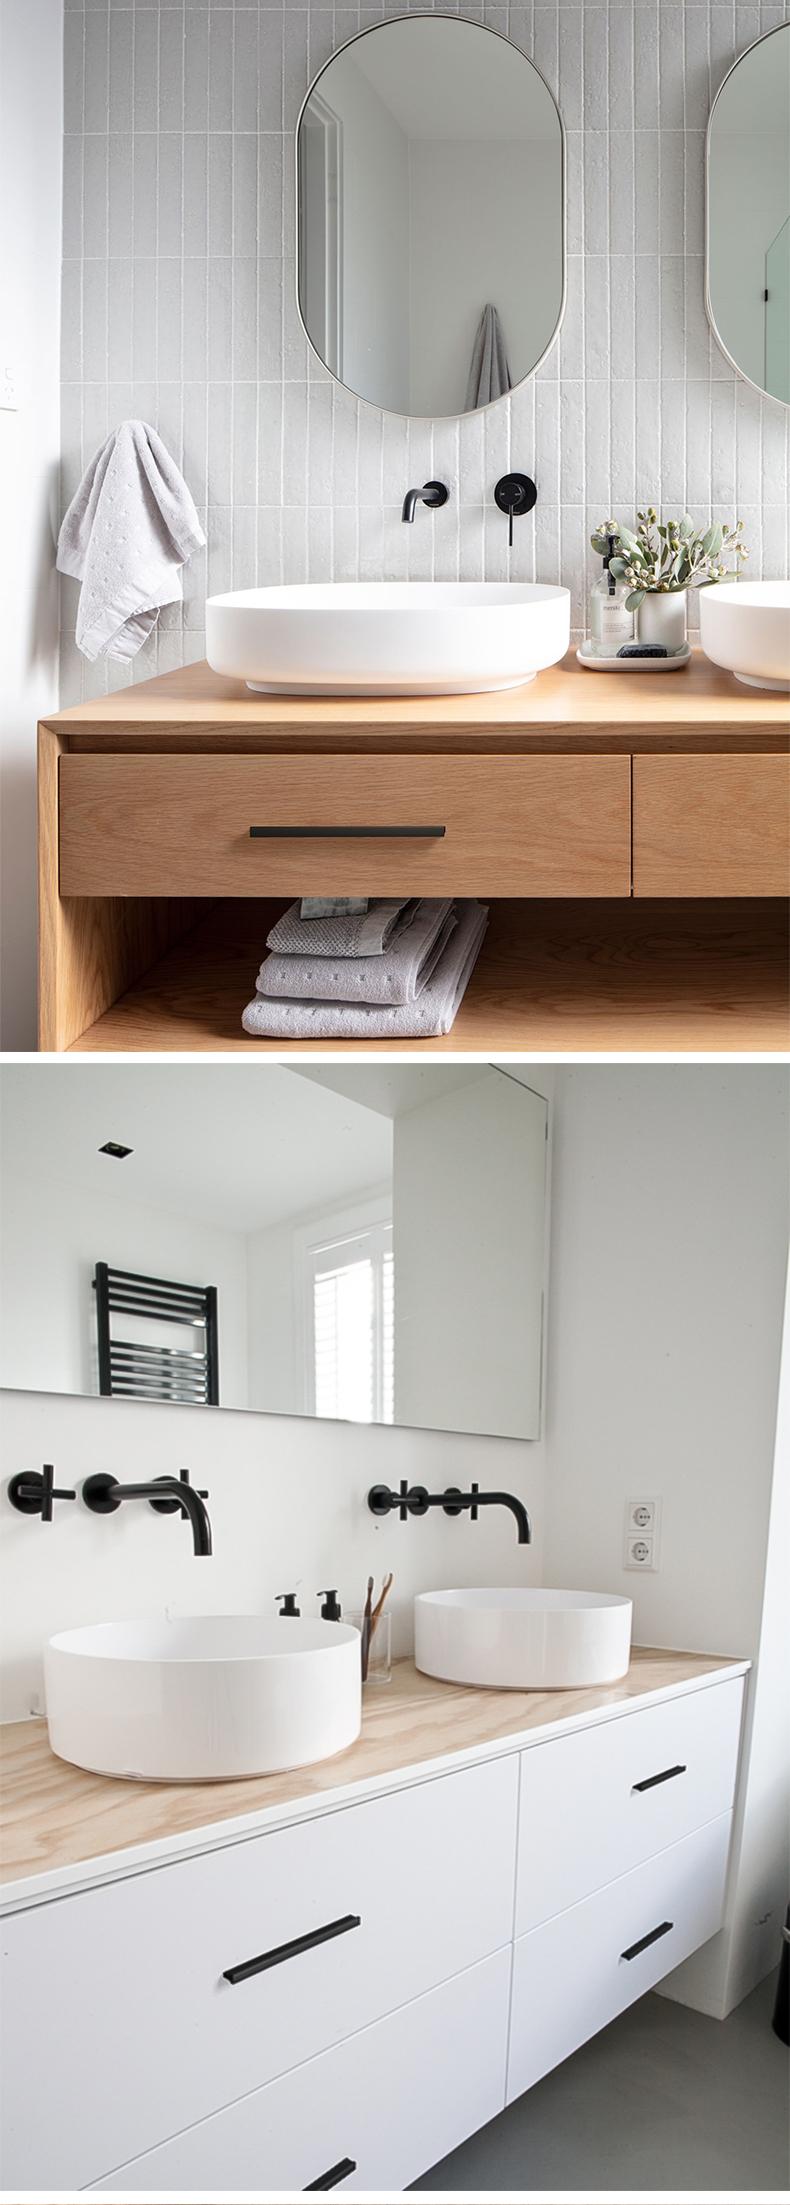 柜门把手轻奢金色现代简约抽屉柜子整体橱柜北欧衣柜门把手黑色加长详细照片